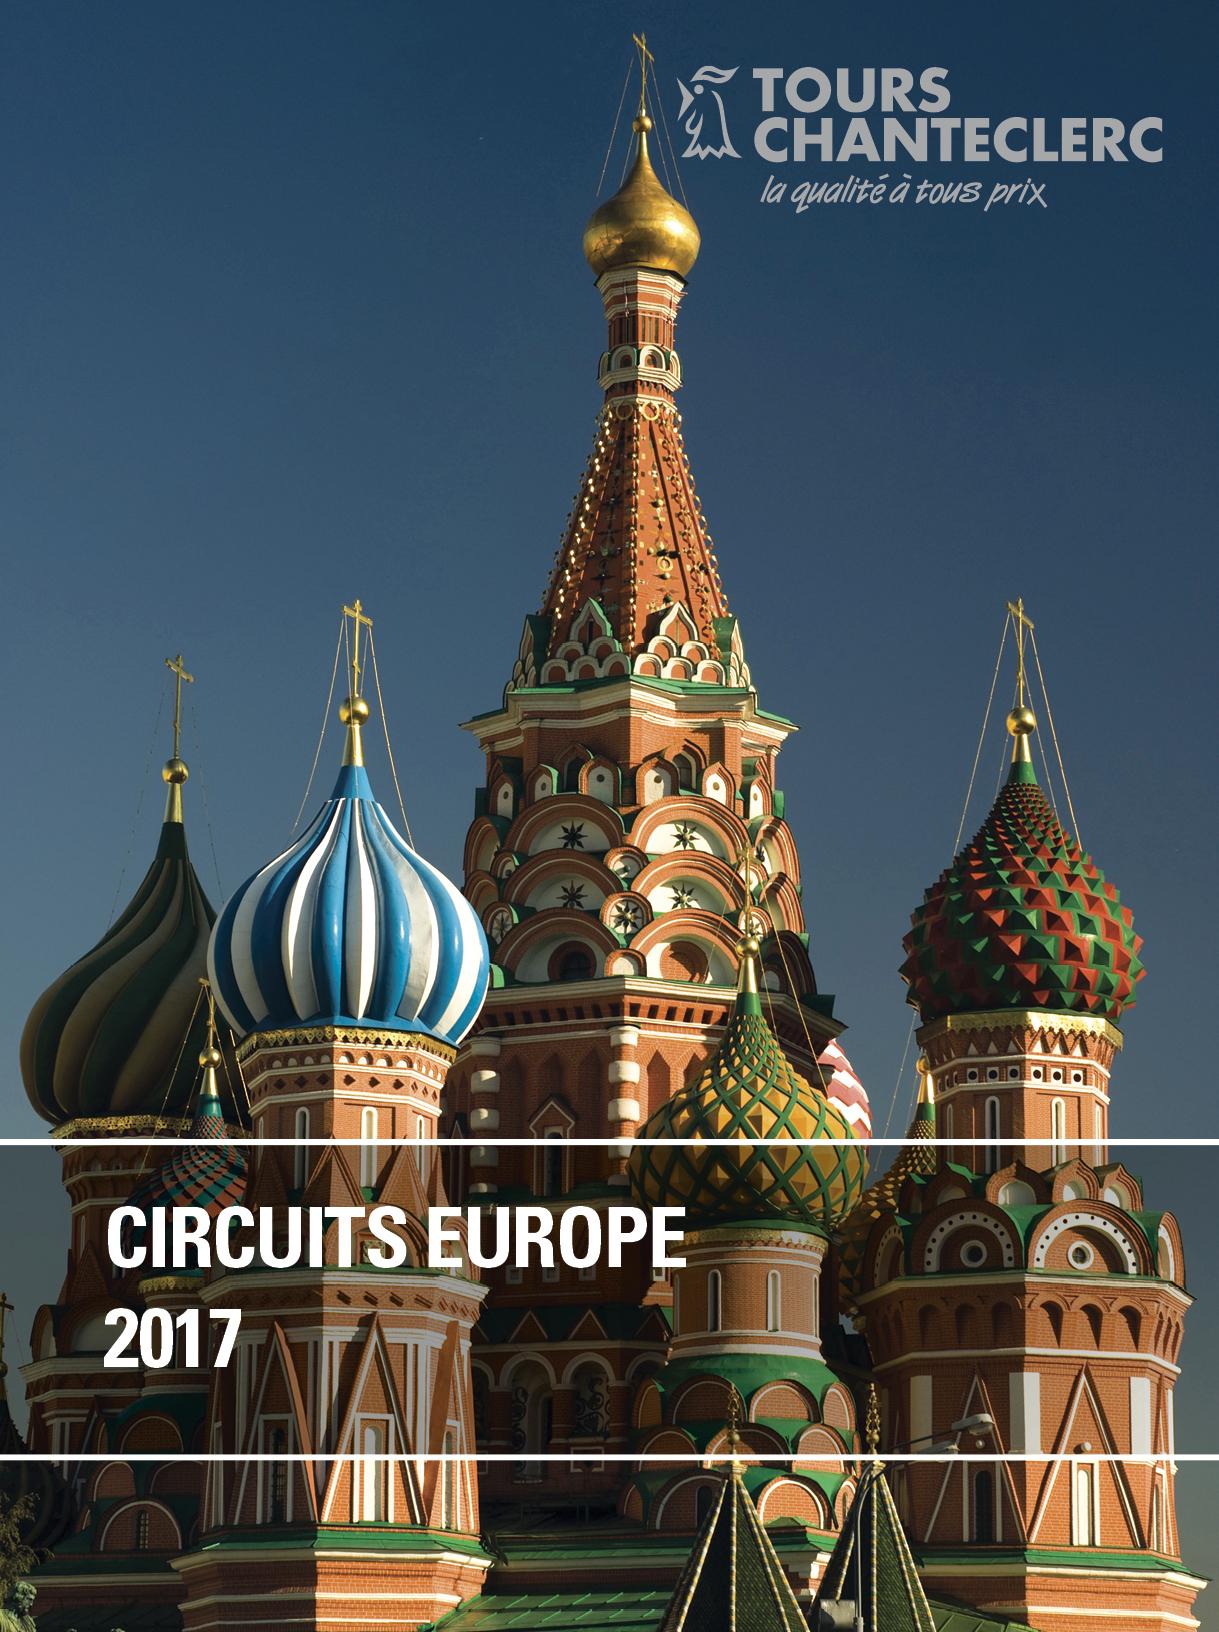 Circuits Europe